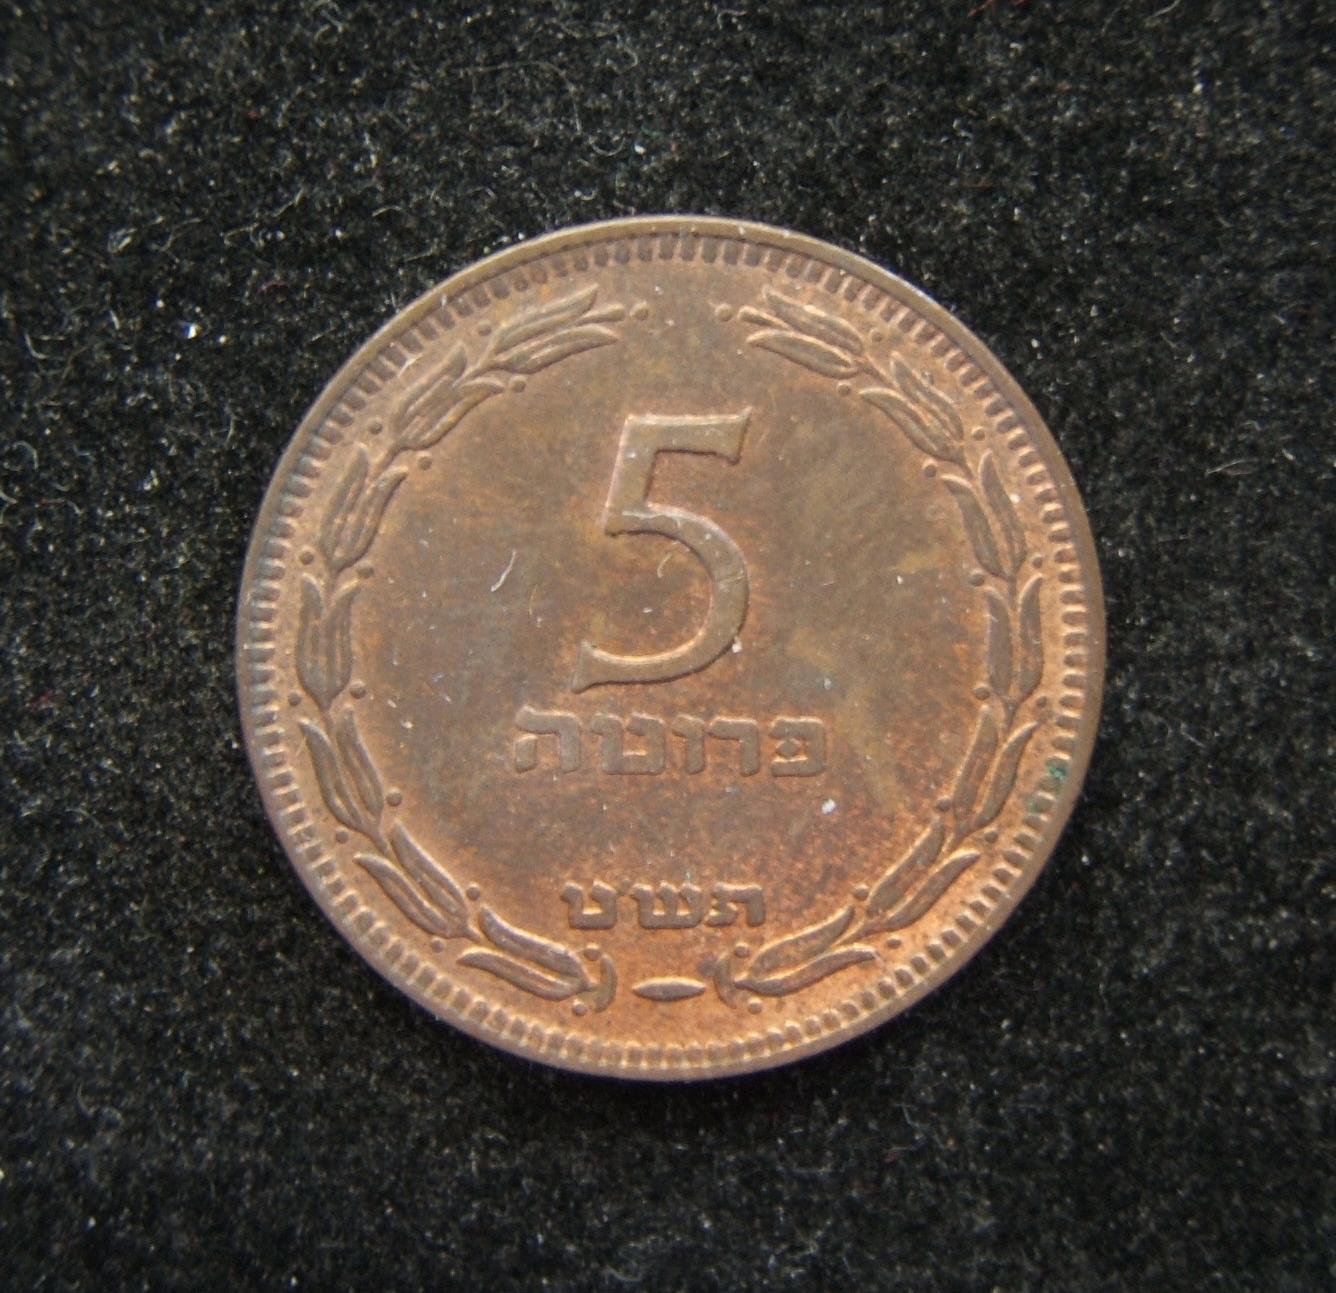 מטבע ישראלי 5 פרוטה 1949 ללא פרל, Unc; IMM-P6